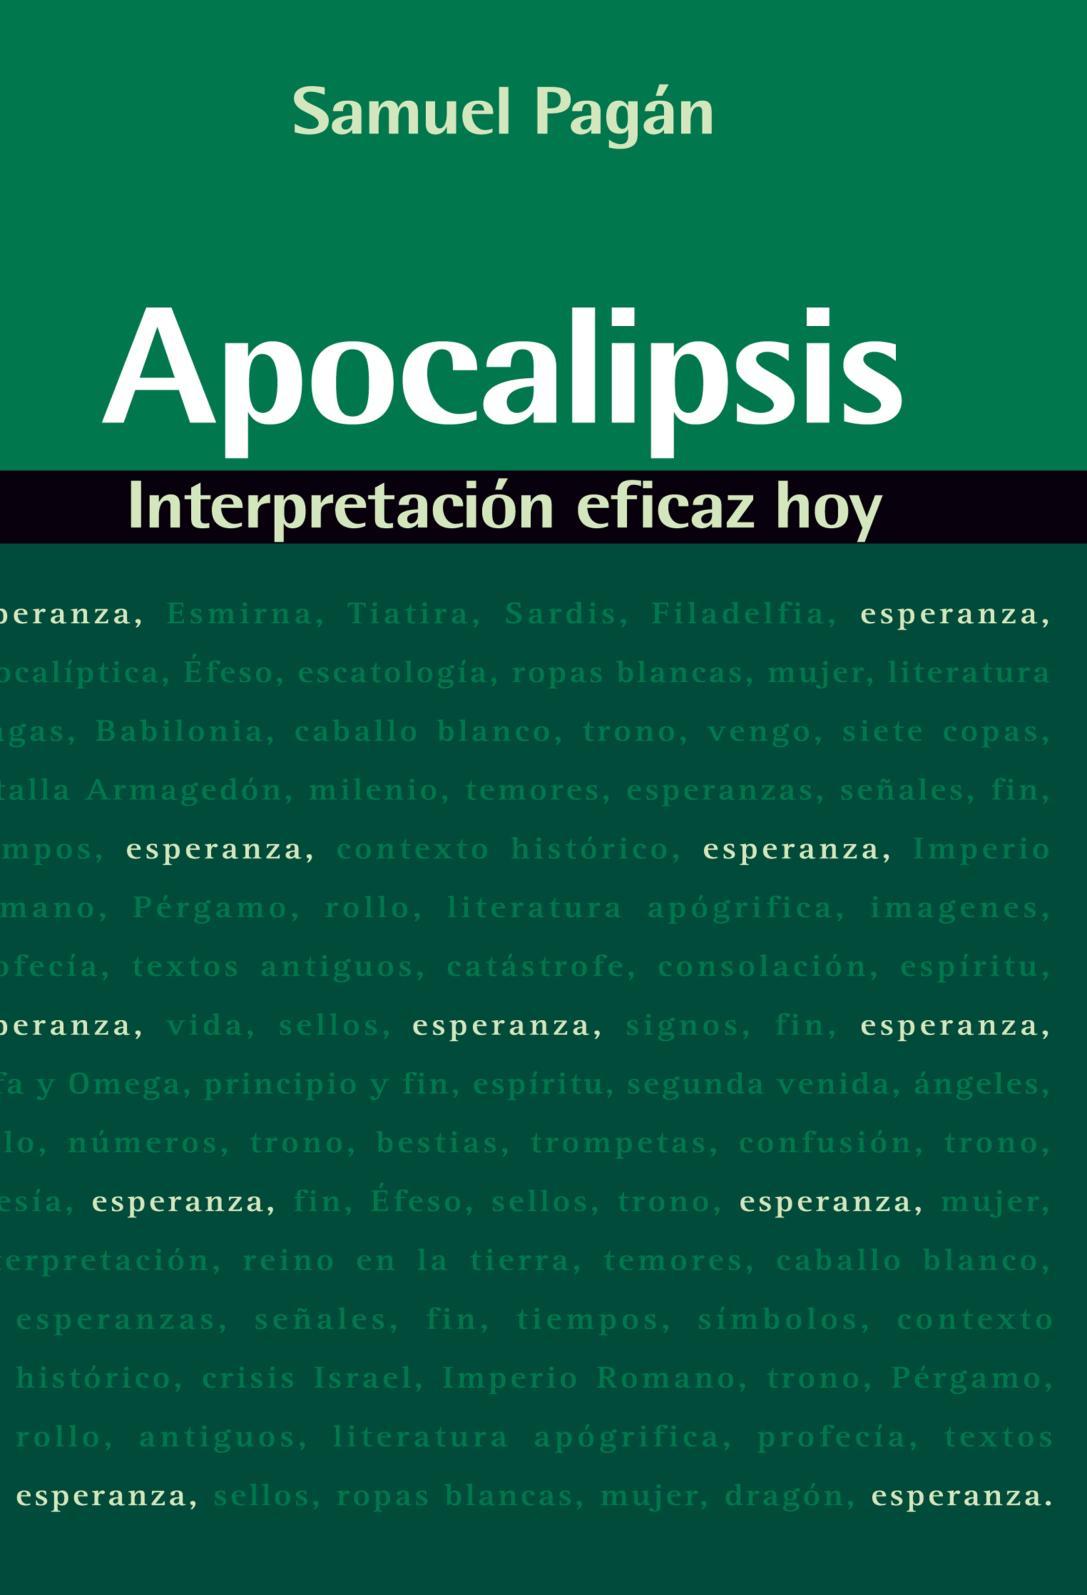 Apocalipsis, Una Interpretación Eficaz. Samuel Pagan